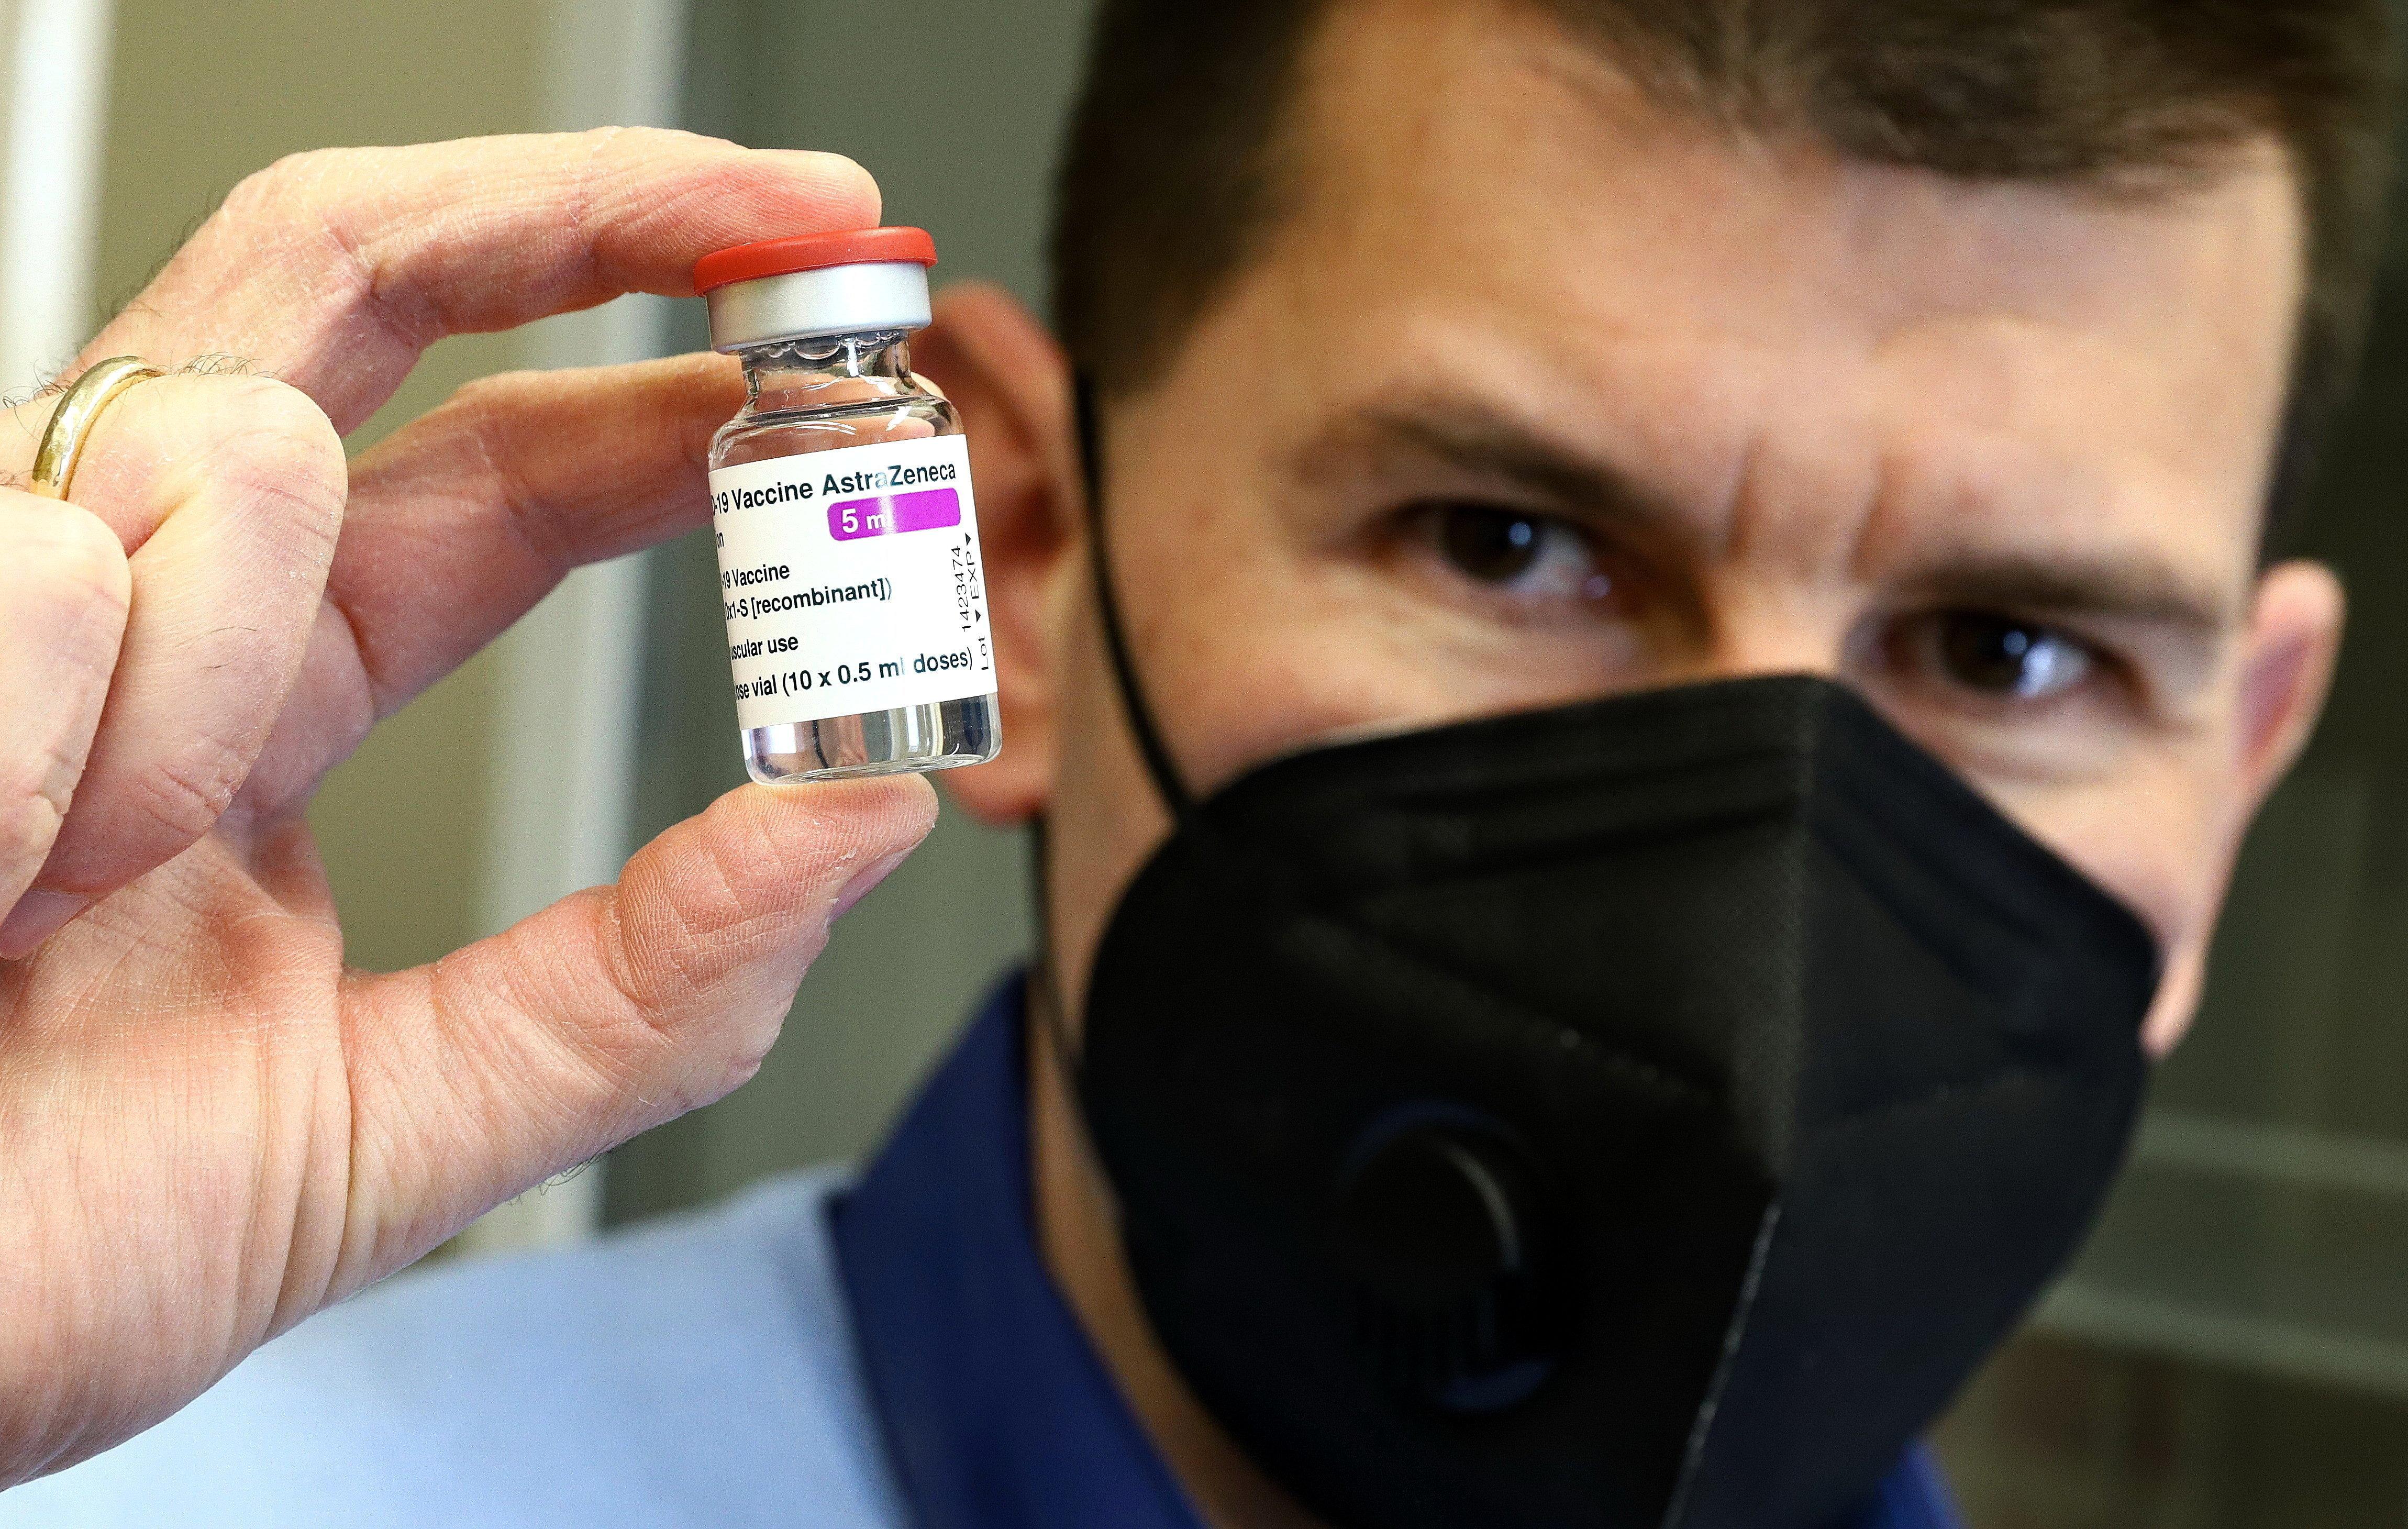 Európai Gyógyszerügynökség: A vérrögképződés az AstraZeneca nagyon ritka mellékhatása